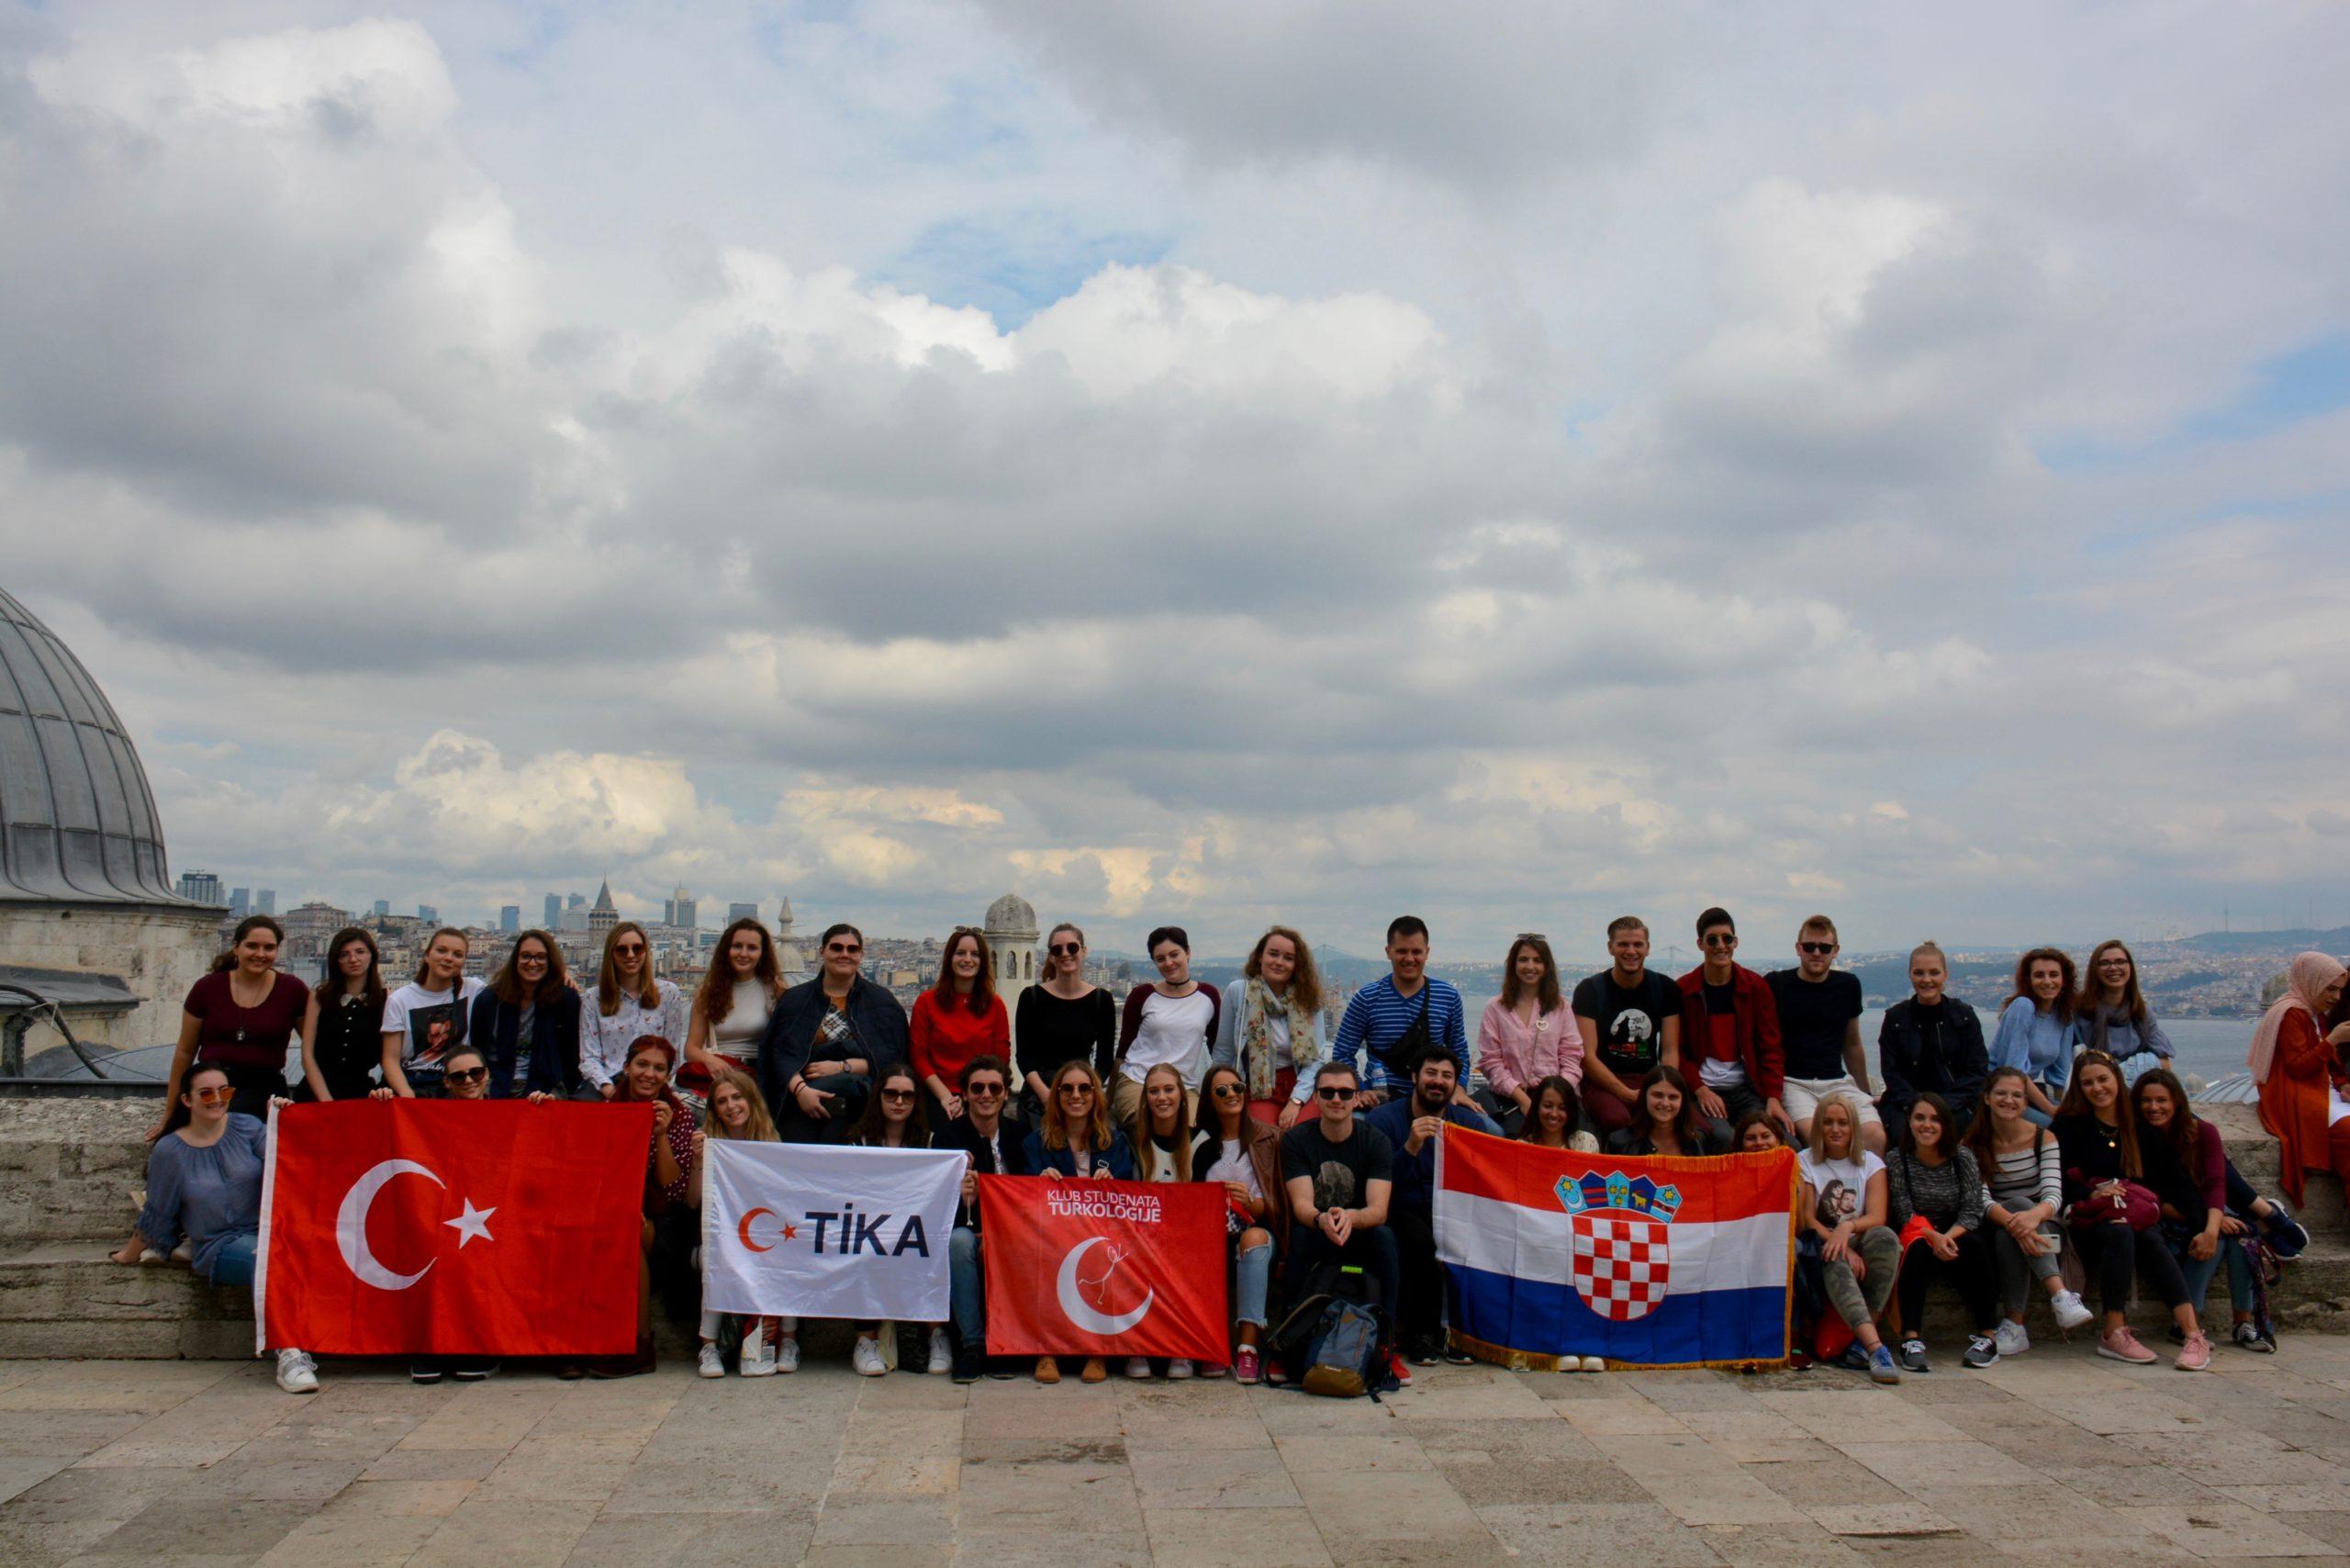 Treći rođendan: priča uspjeha Kluba studenata turkologije